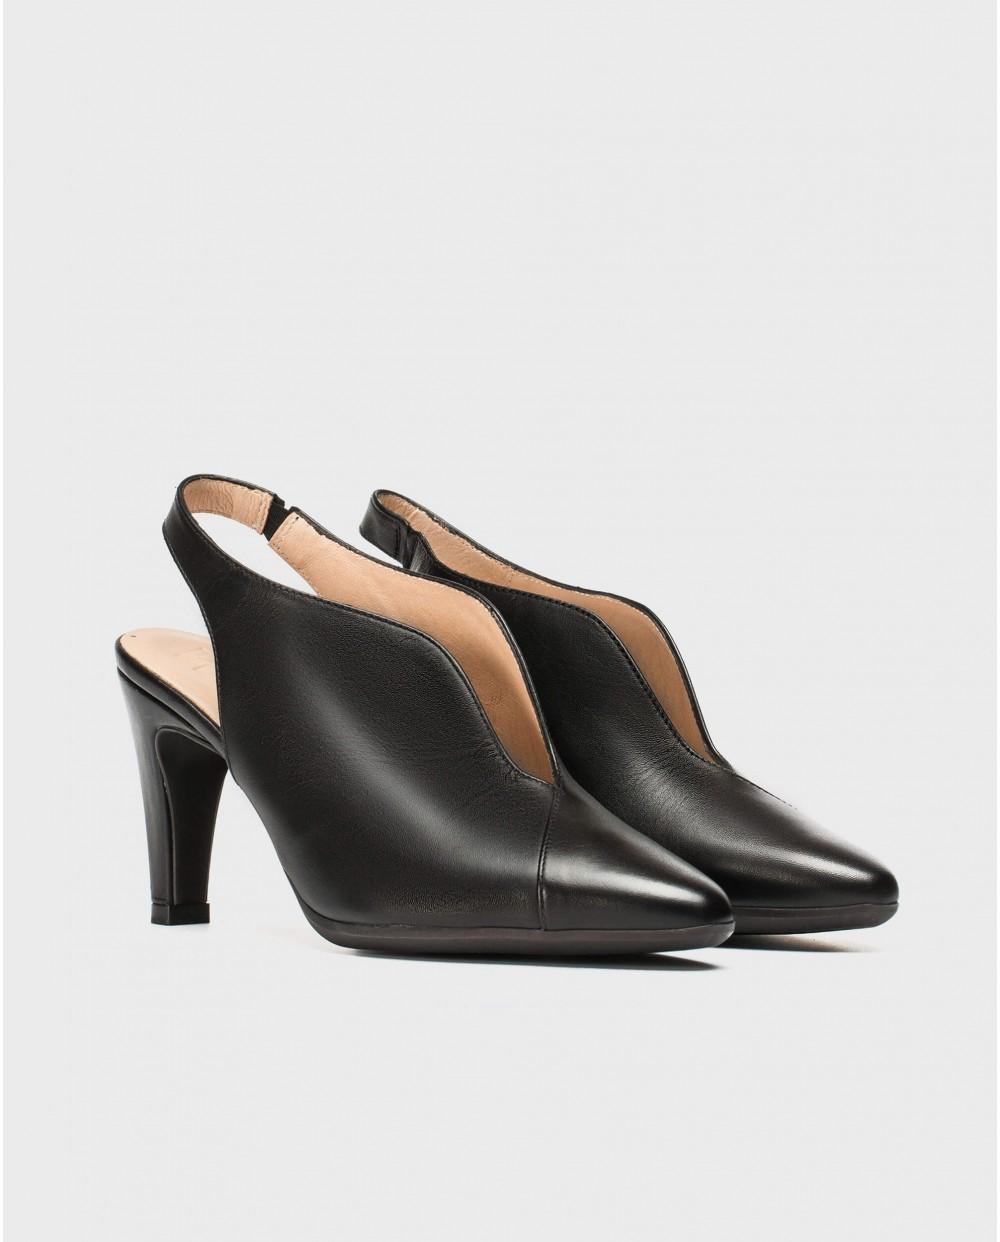 Wonders-Heels-V cut court shoe